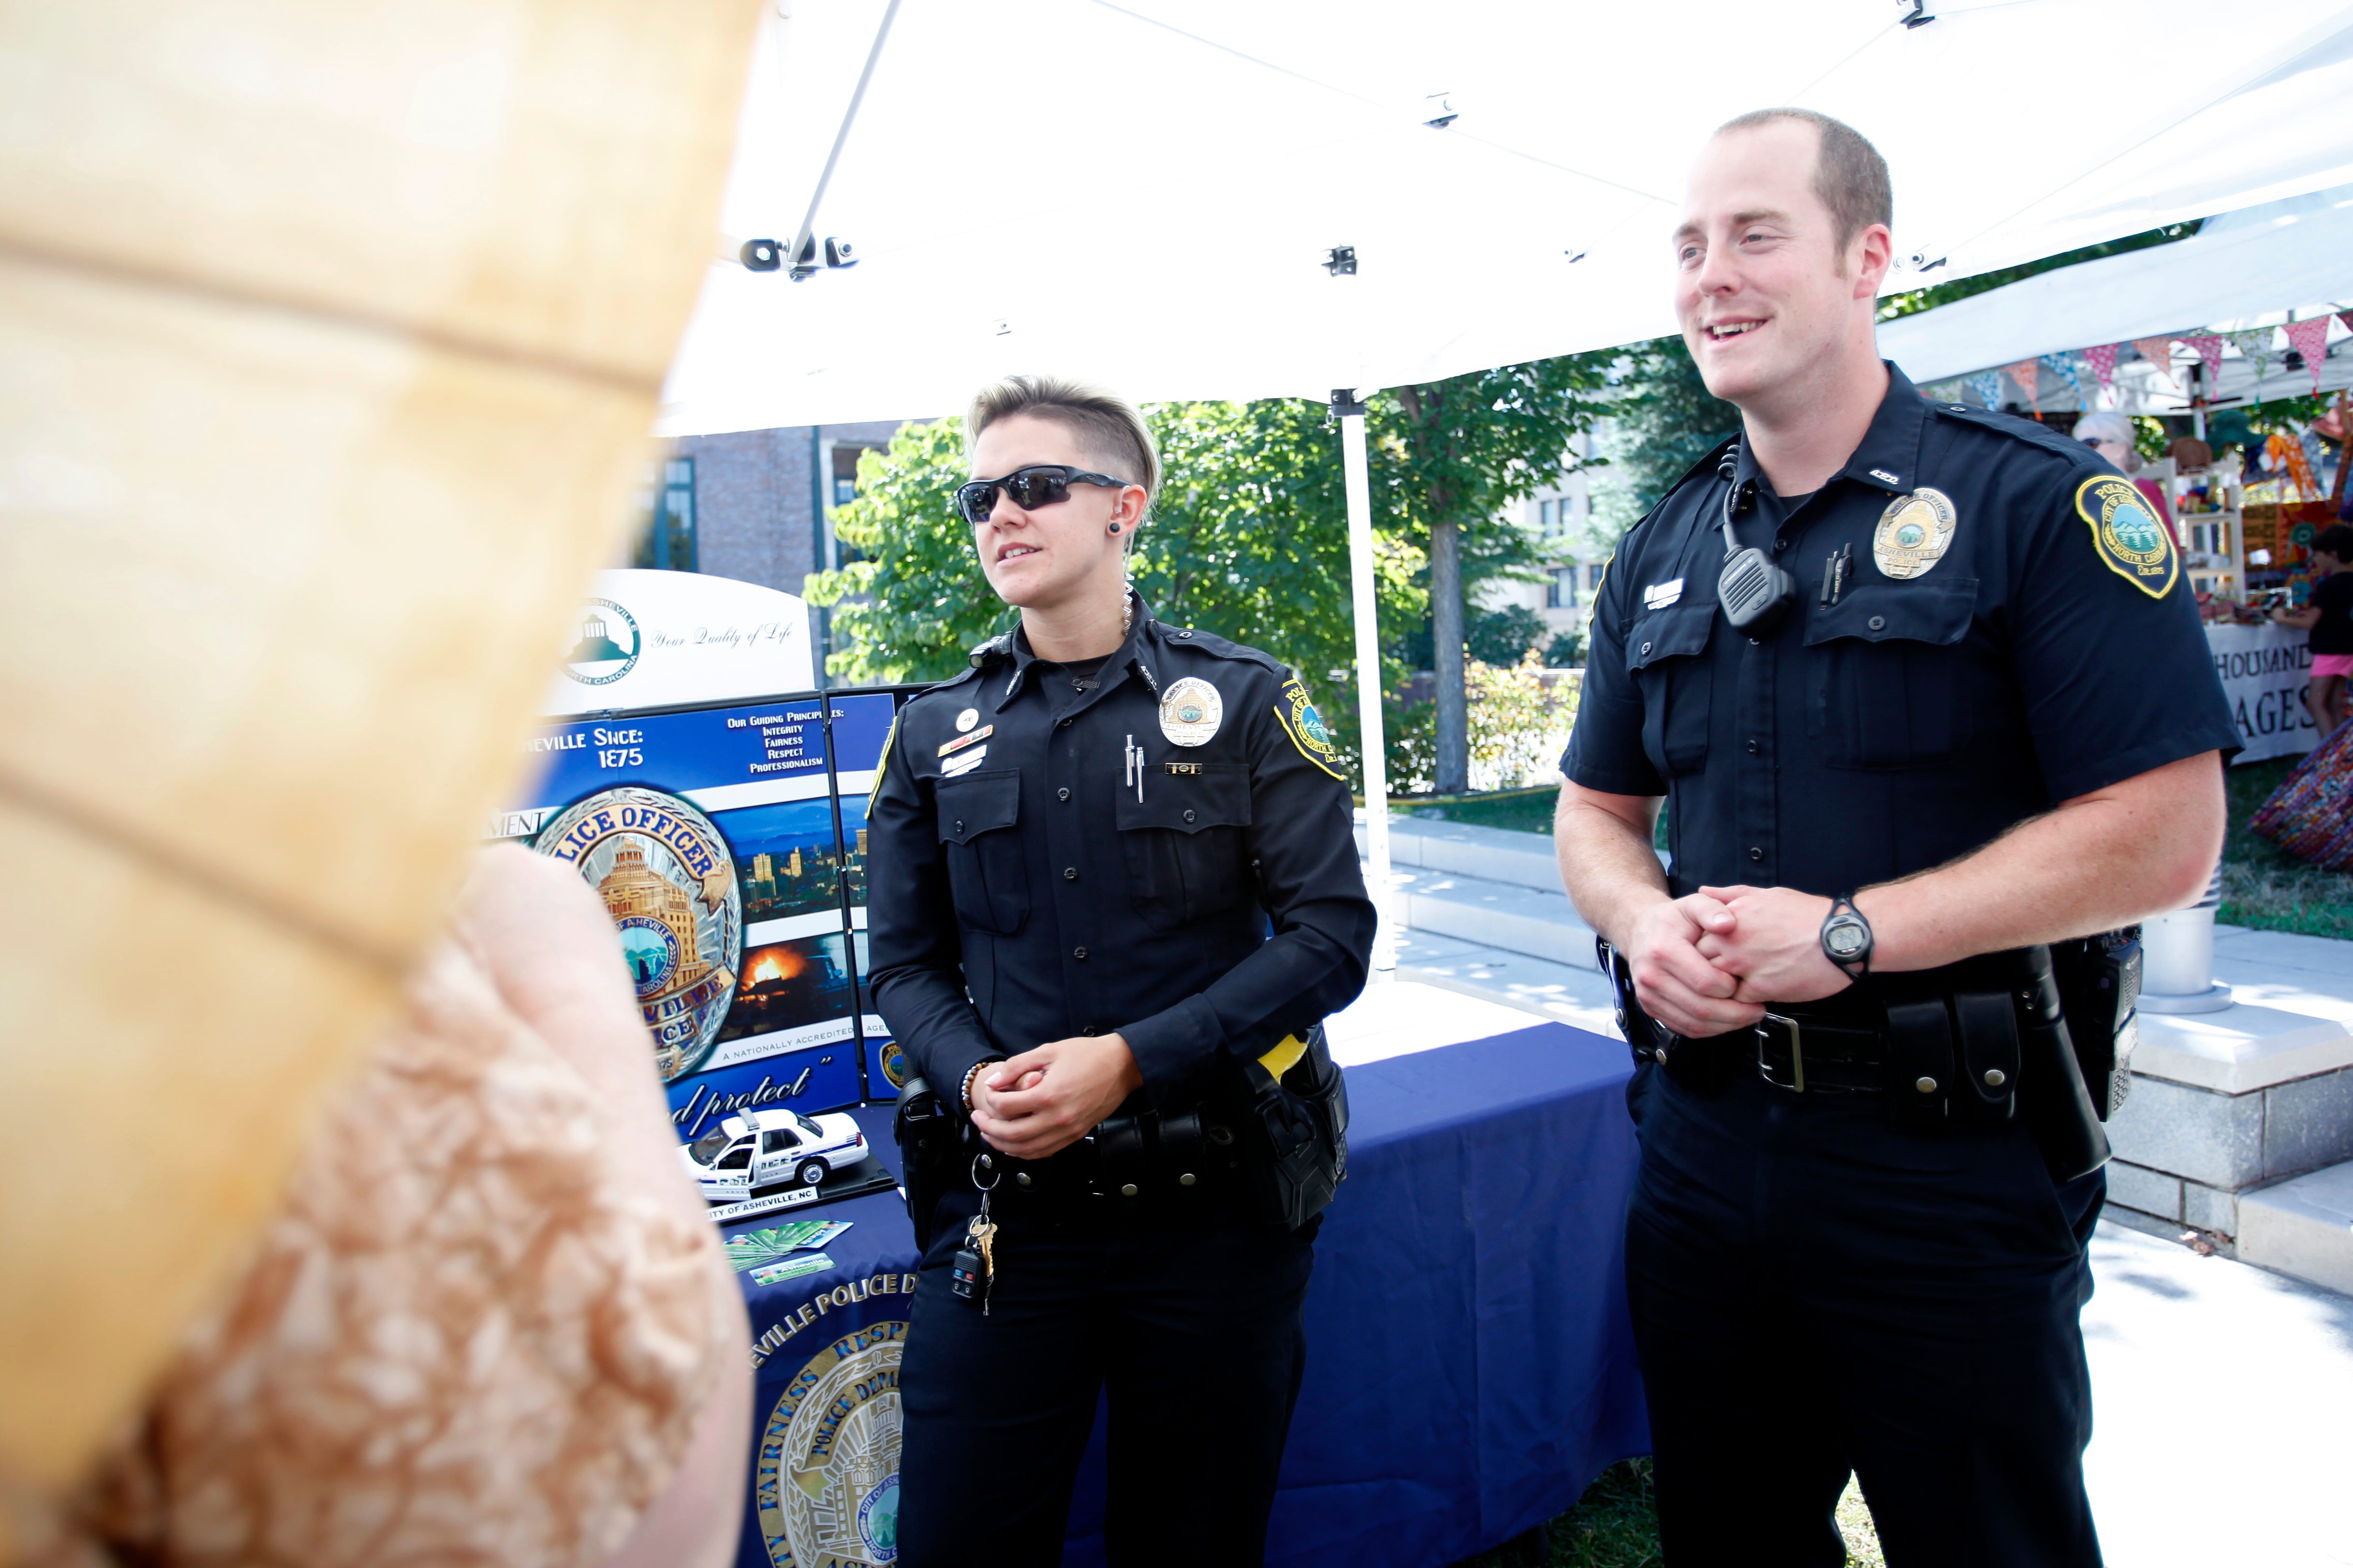 Find a police officer